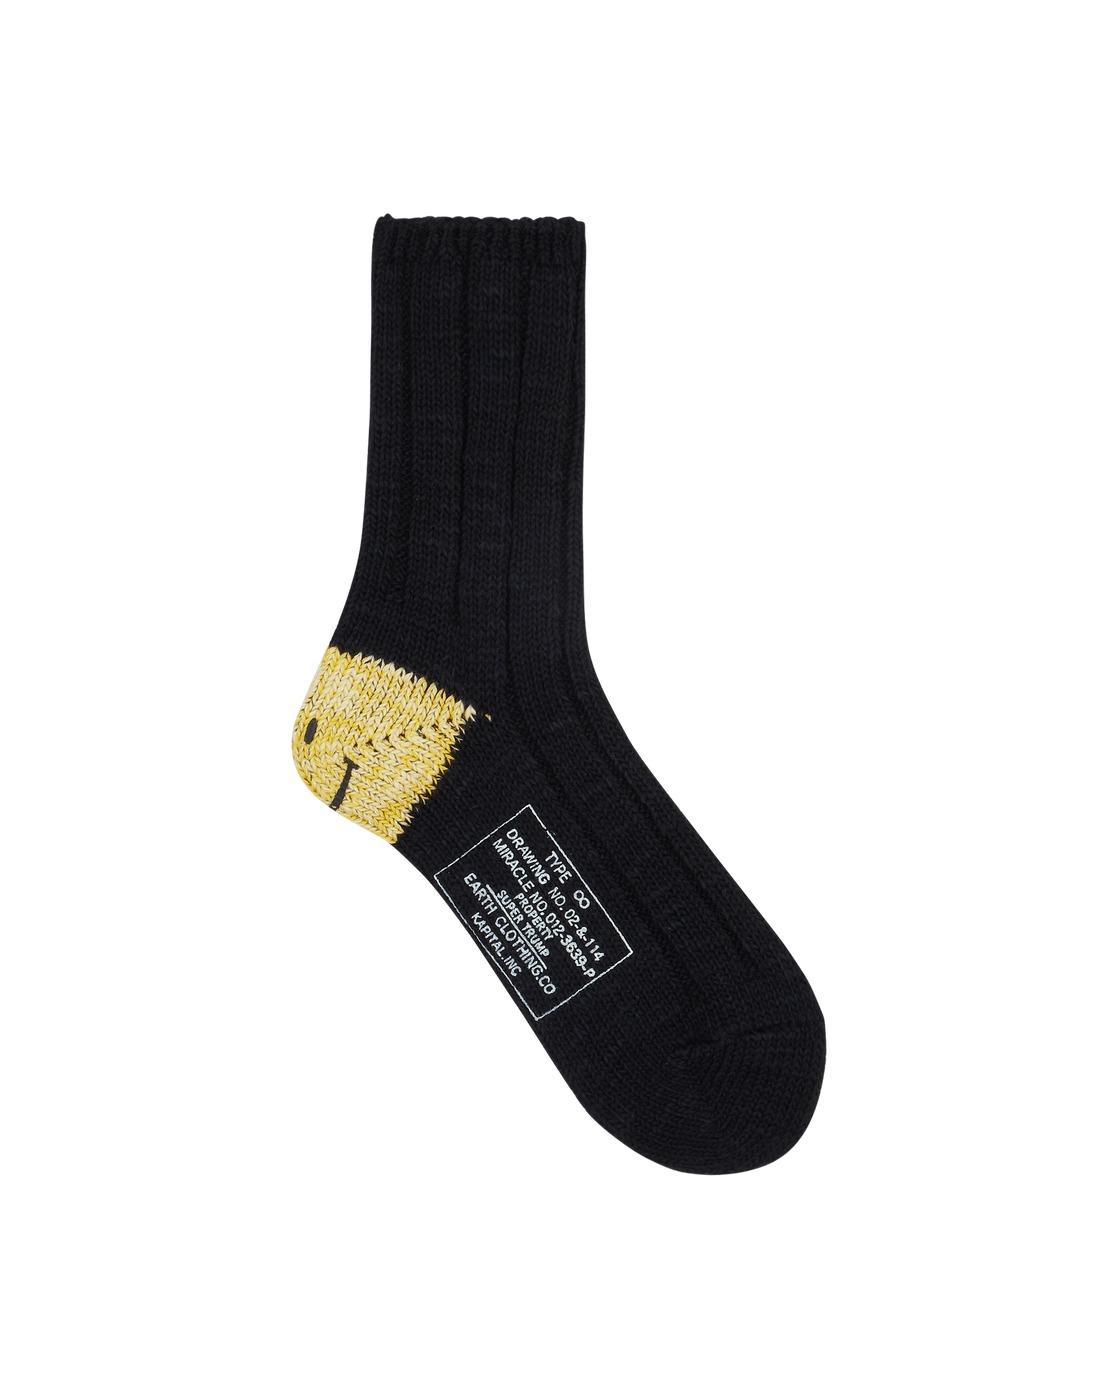 Photo: Kapital 56 Yarns Ma 1 Heel Smilie Socks Black